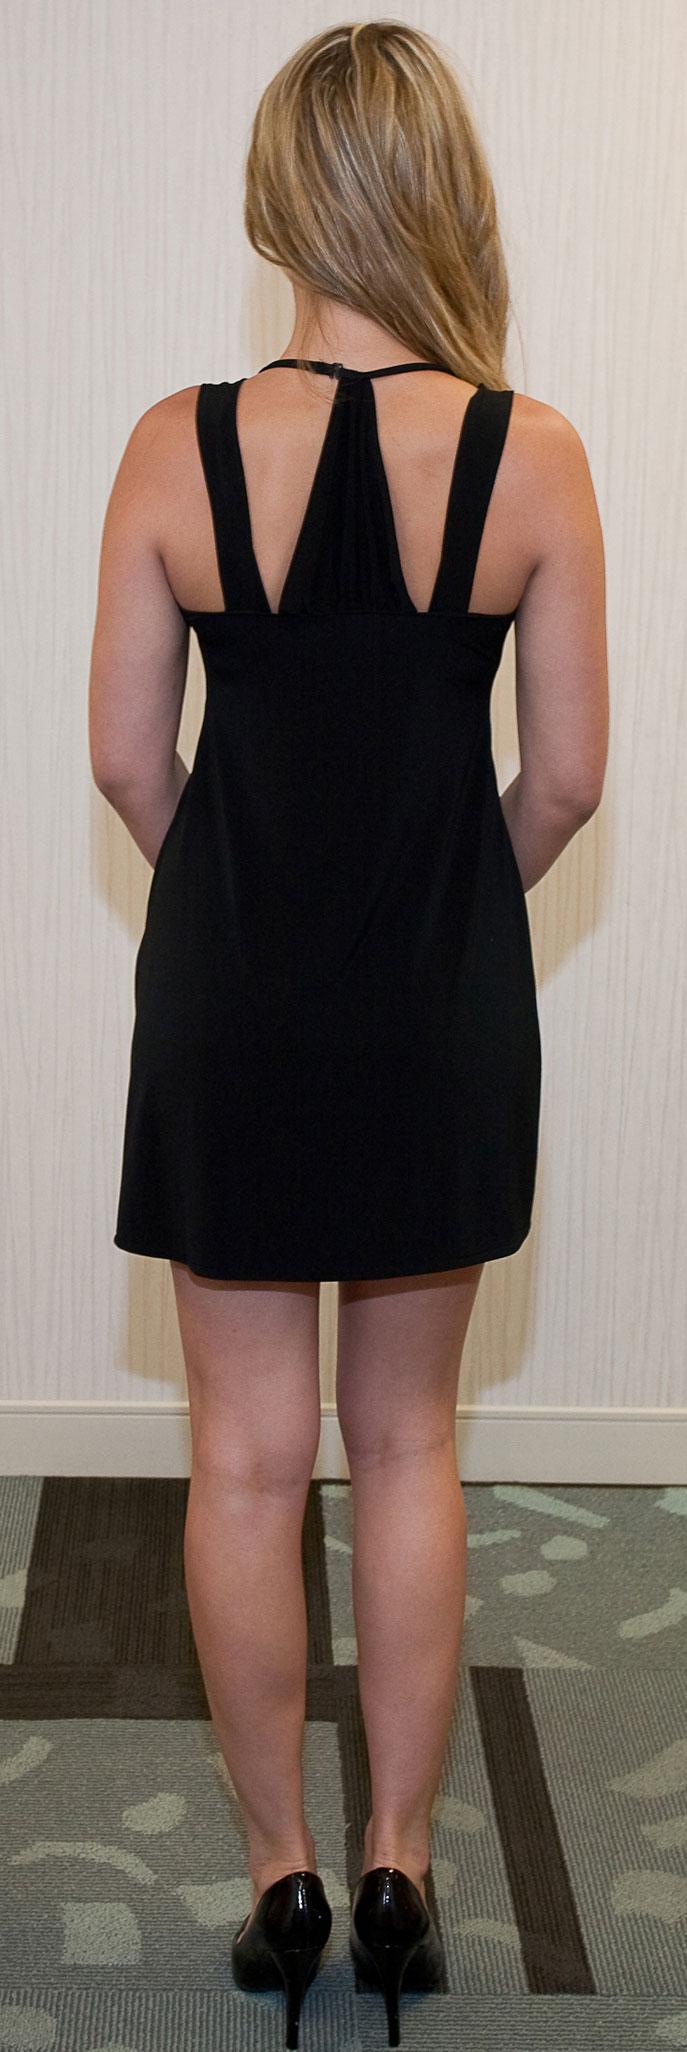 Z-Form-Uniform-Kelsy-ZImba-Dress-CD2-back.jpg